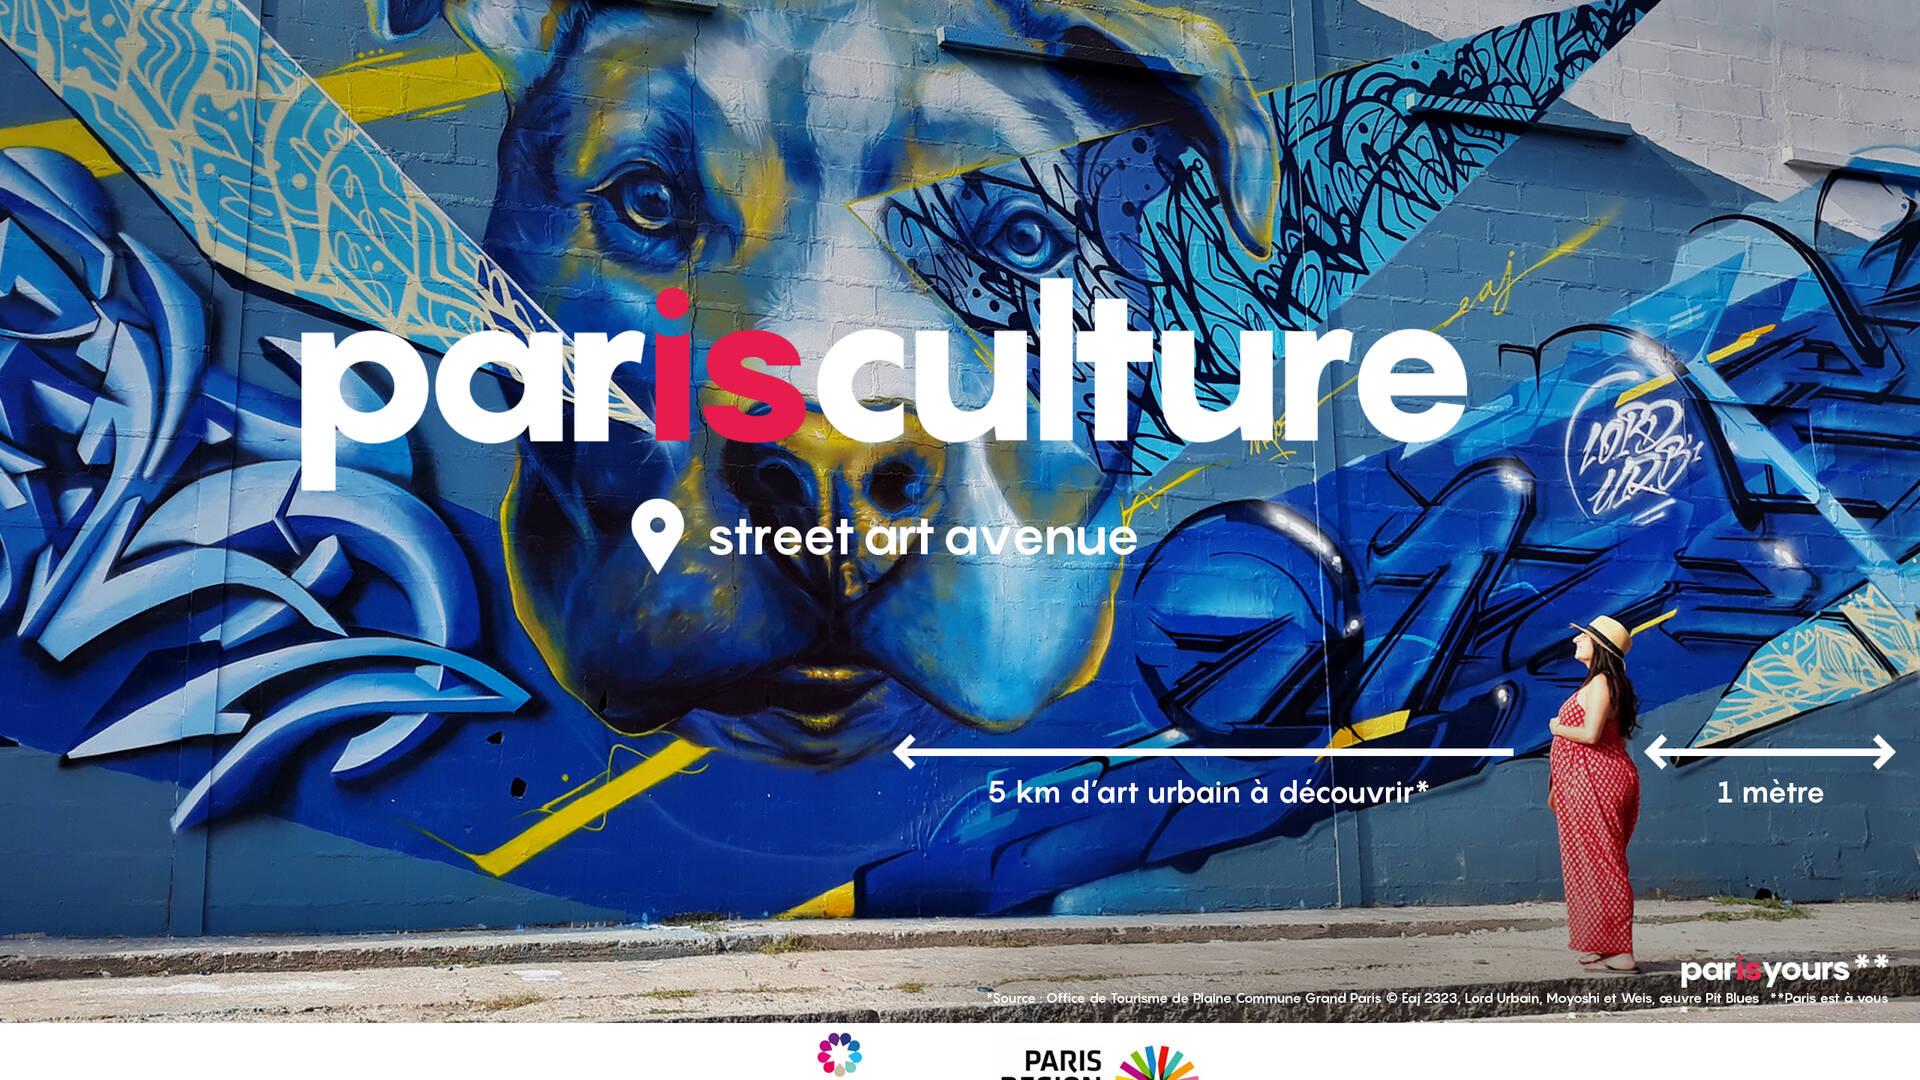 street-art-avenue-aubervilliers-seine-saint-denis